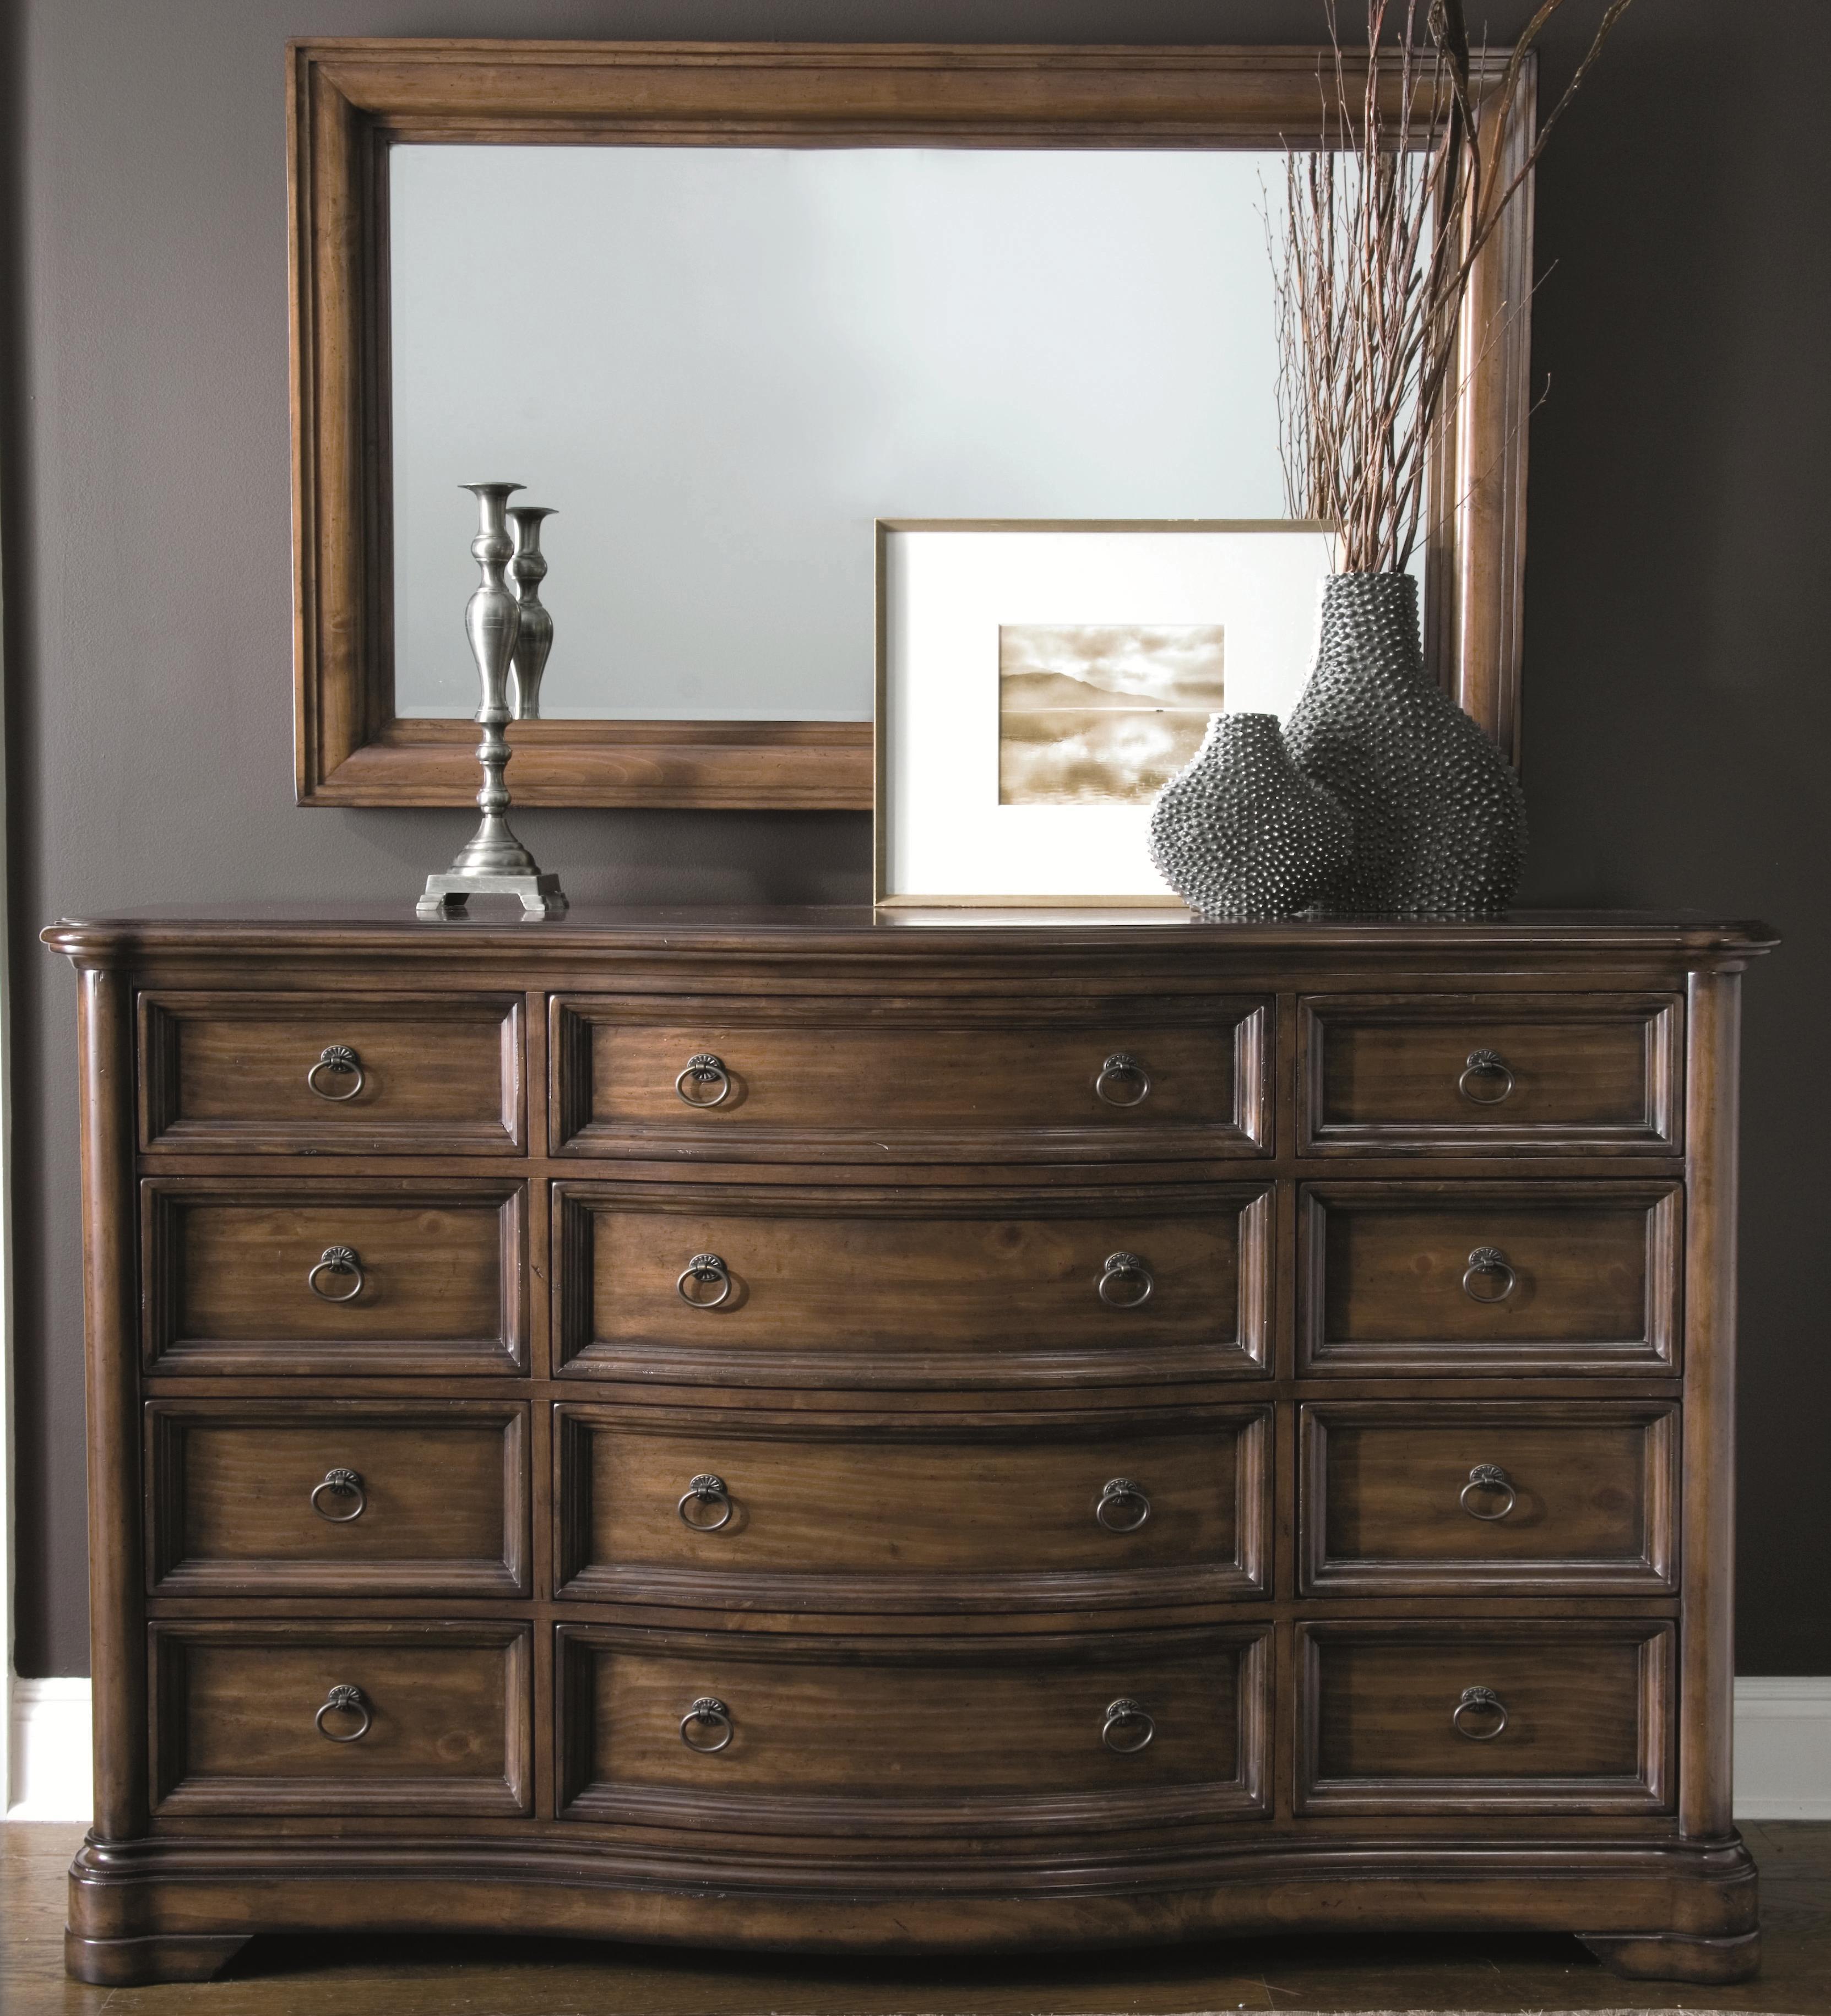 Bernhardt Montebella Dressing Chest and Mirror Set - Item Number: 350-042+322